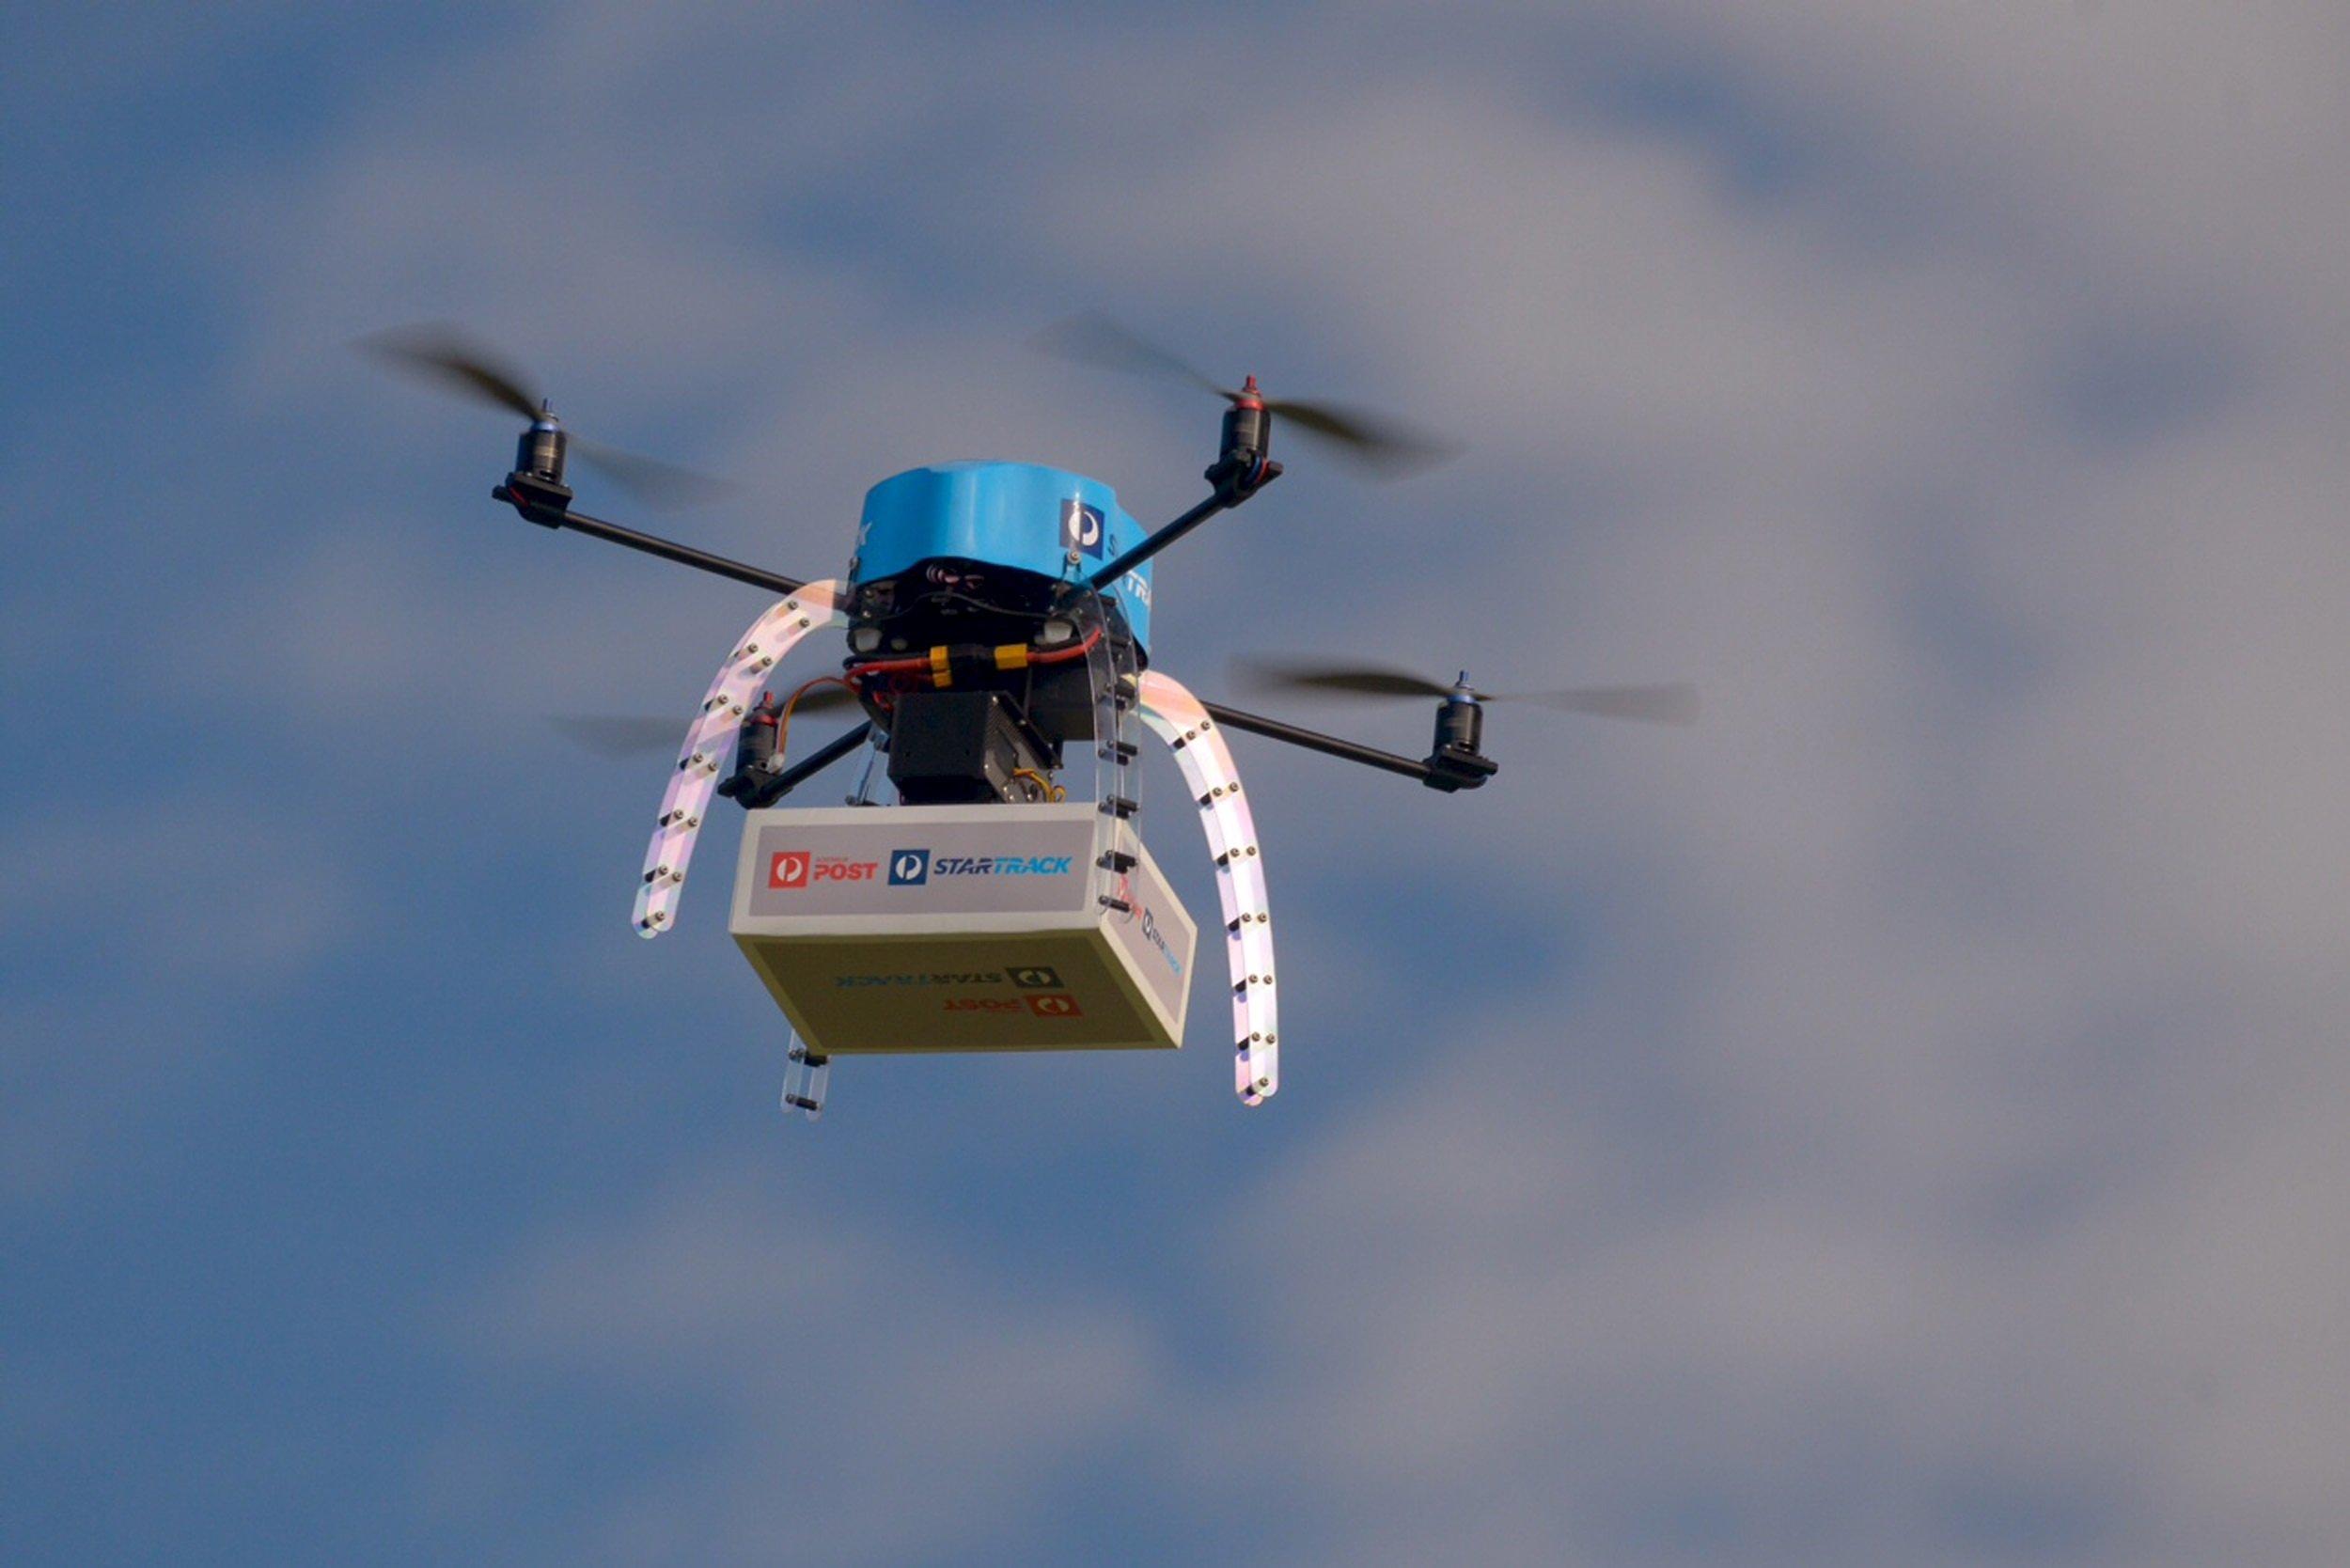 drones post australia drone delivery